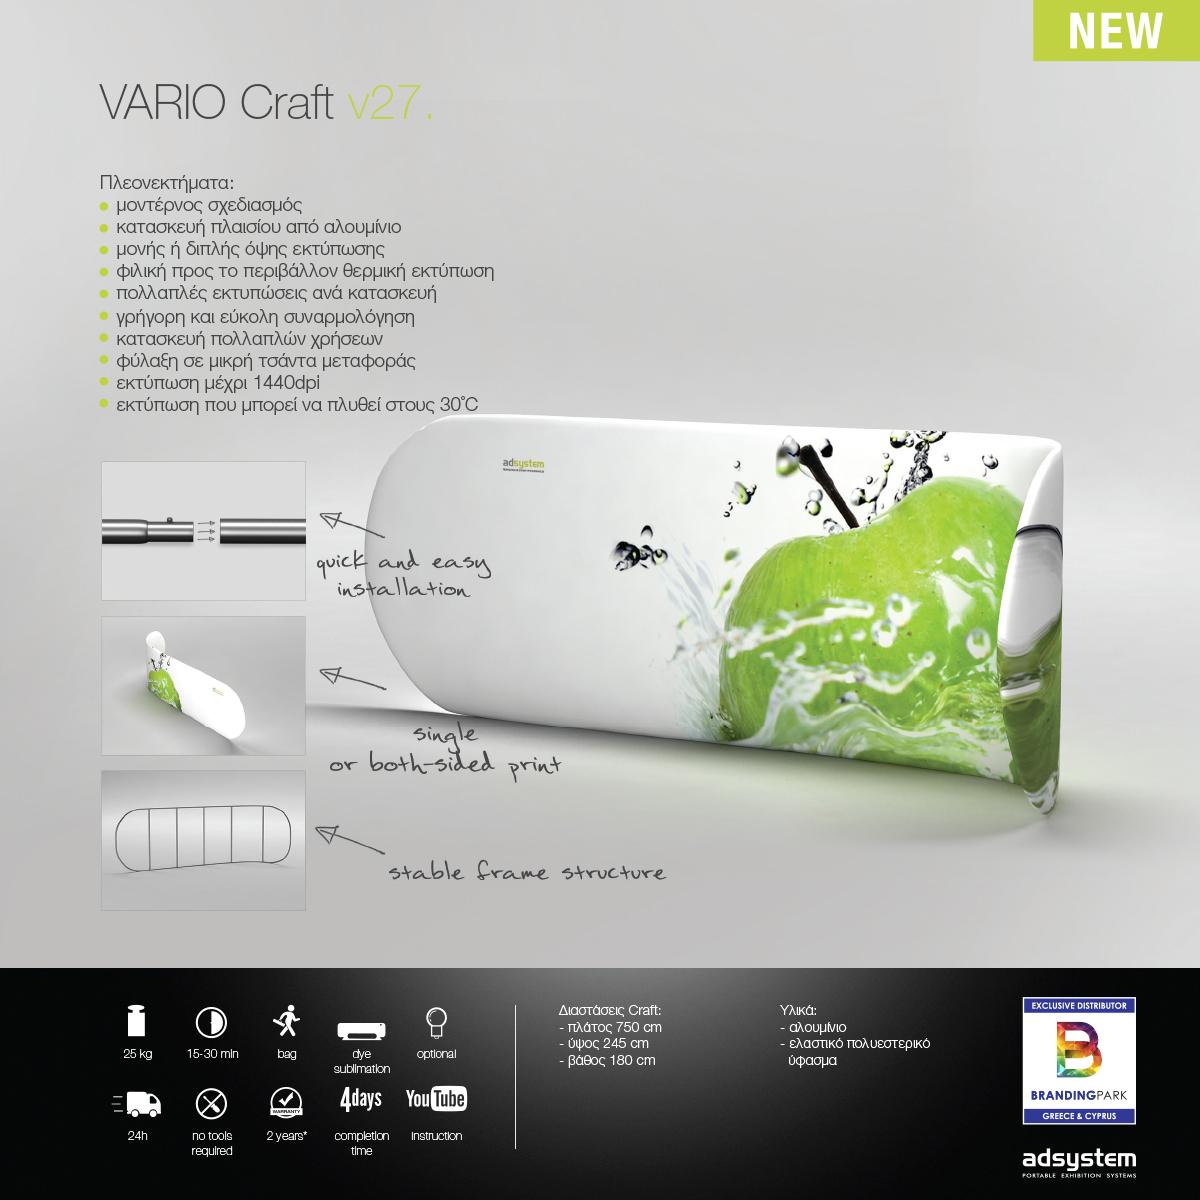 Υφασμάτινο backdrop VARIO Craft v27. new product